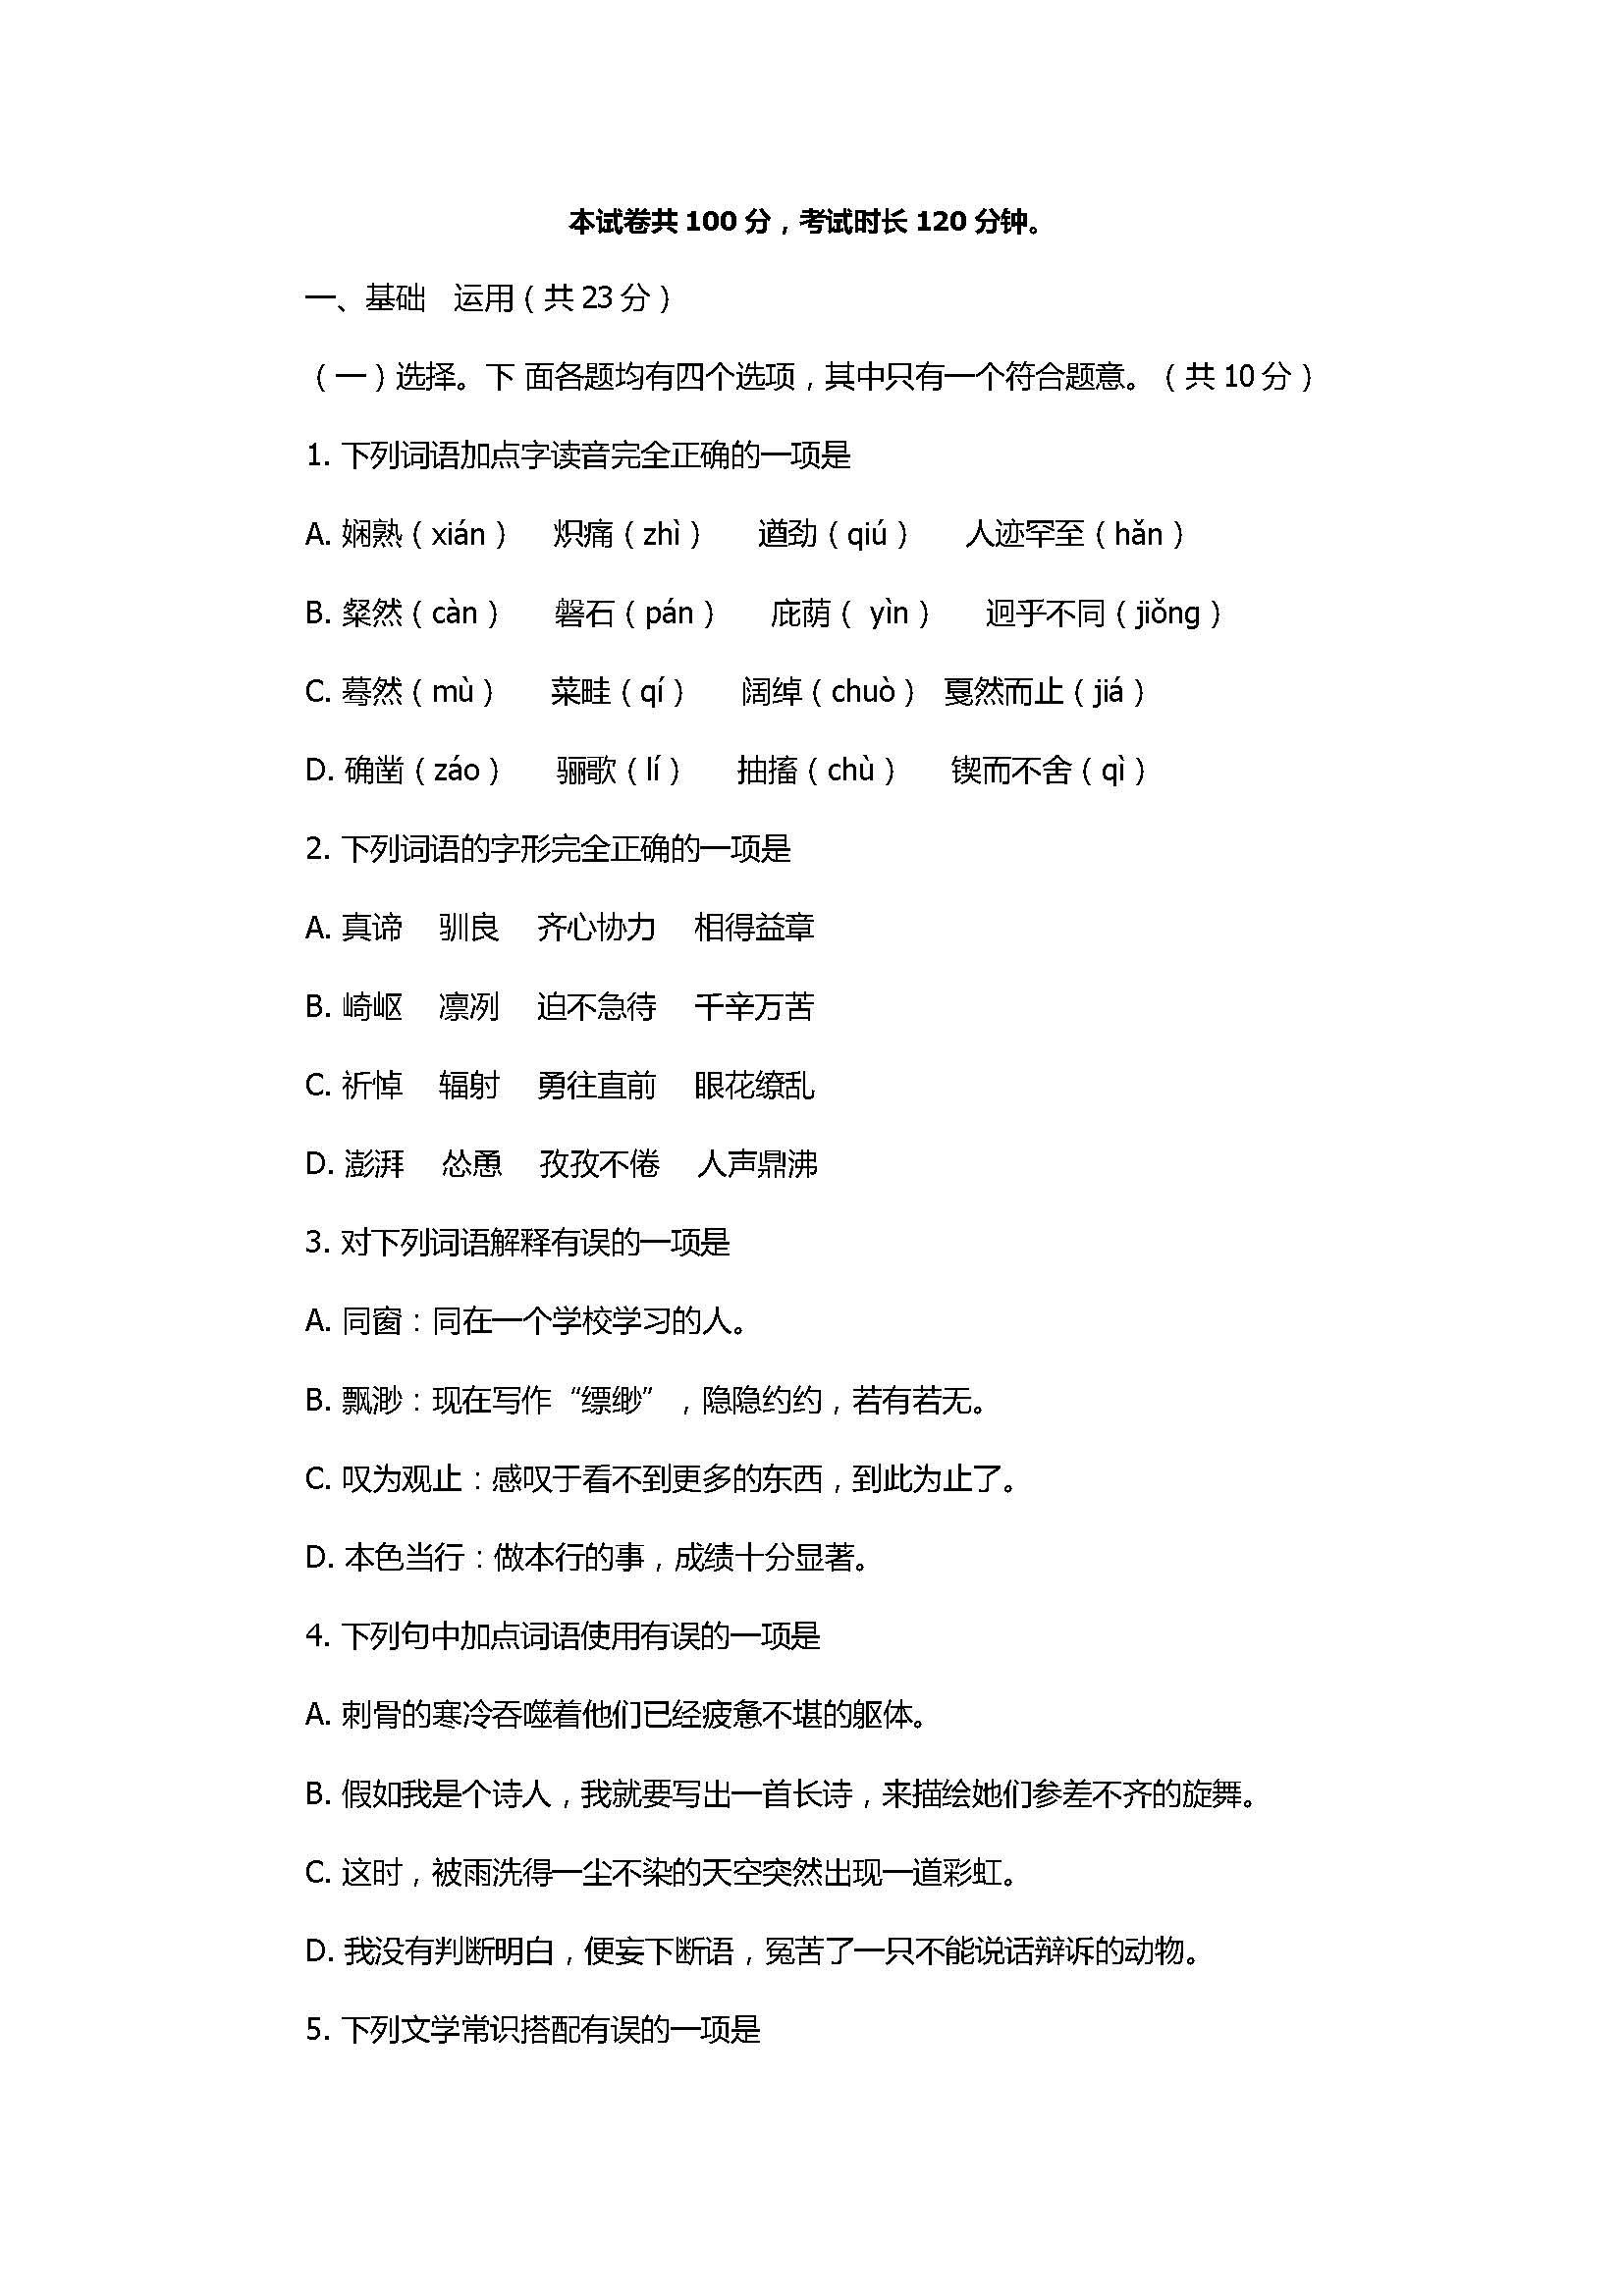 2017七年级语文期末试题及参考答案(北京东城区)